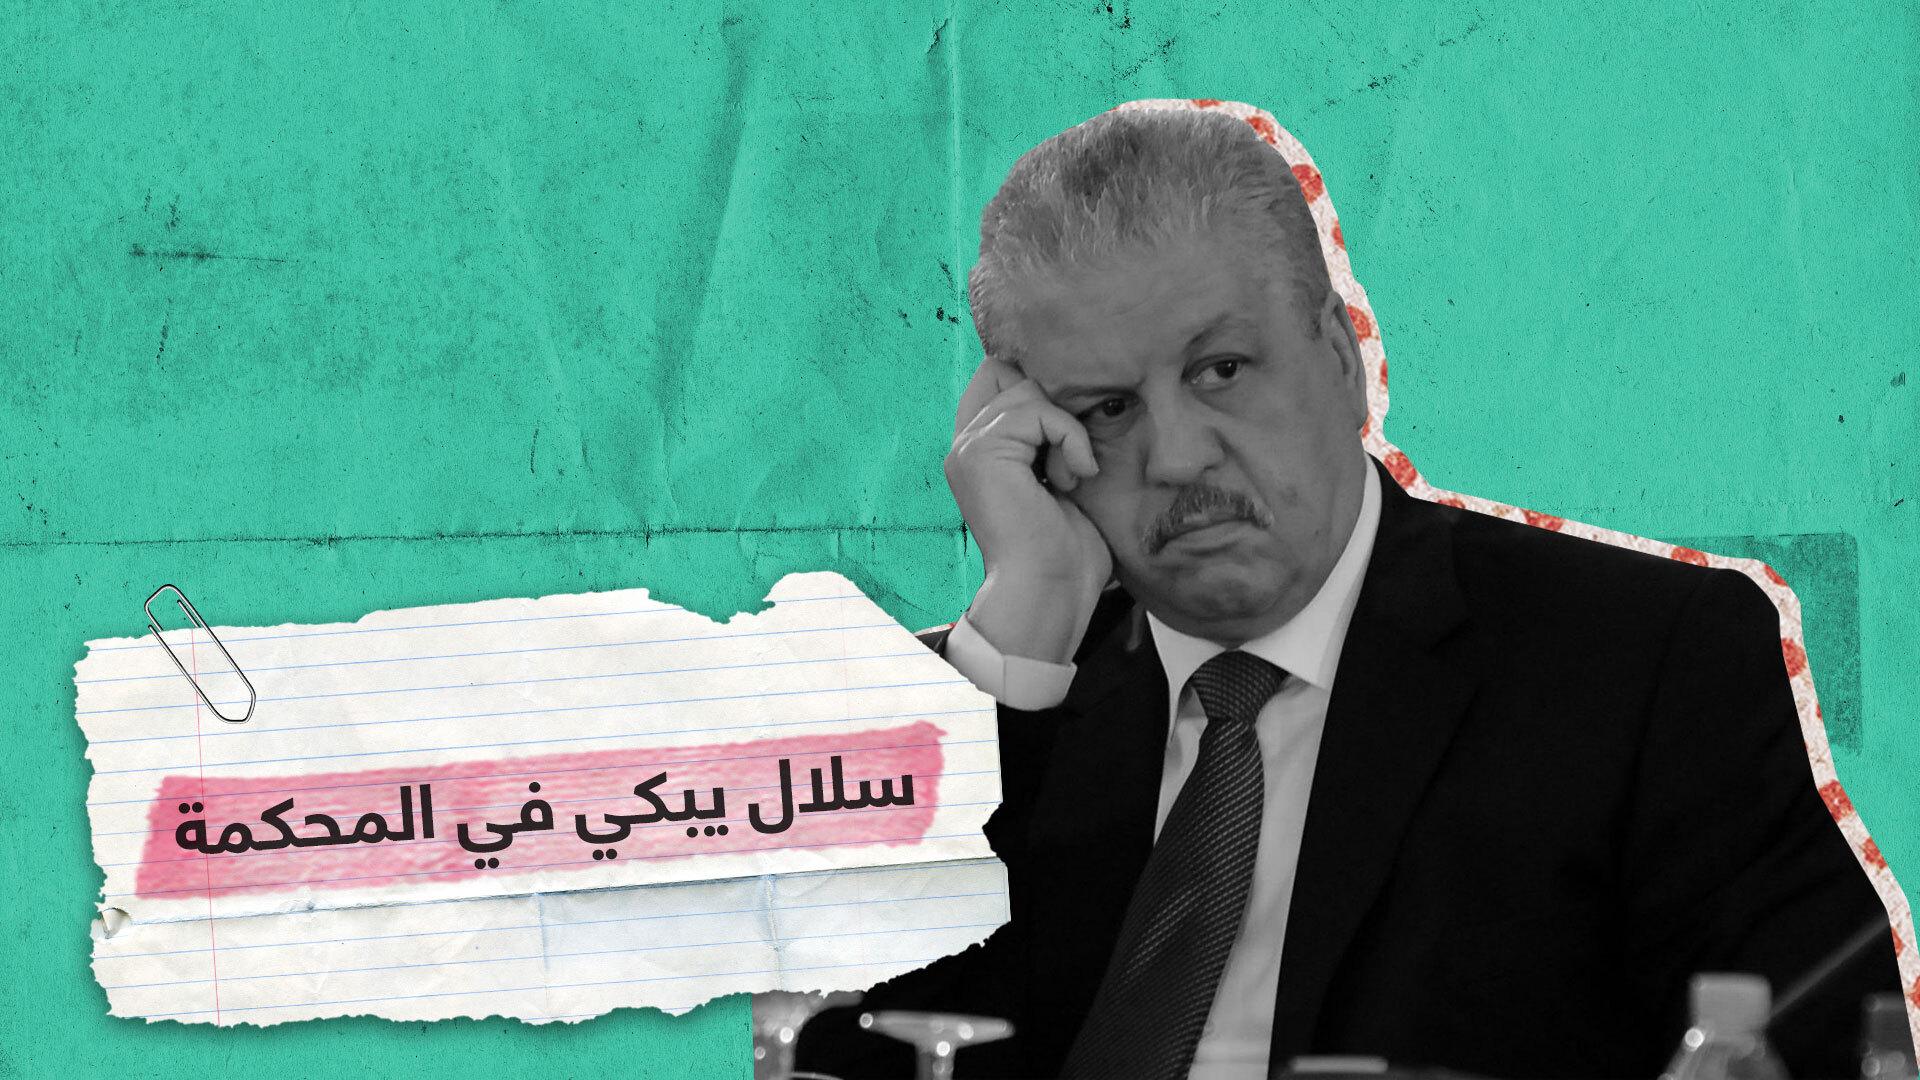 رئيس الوزراء الجزائري الأسبق يبكي أمام القاضي أثناء محاكمته بتهم الفساد